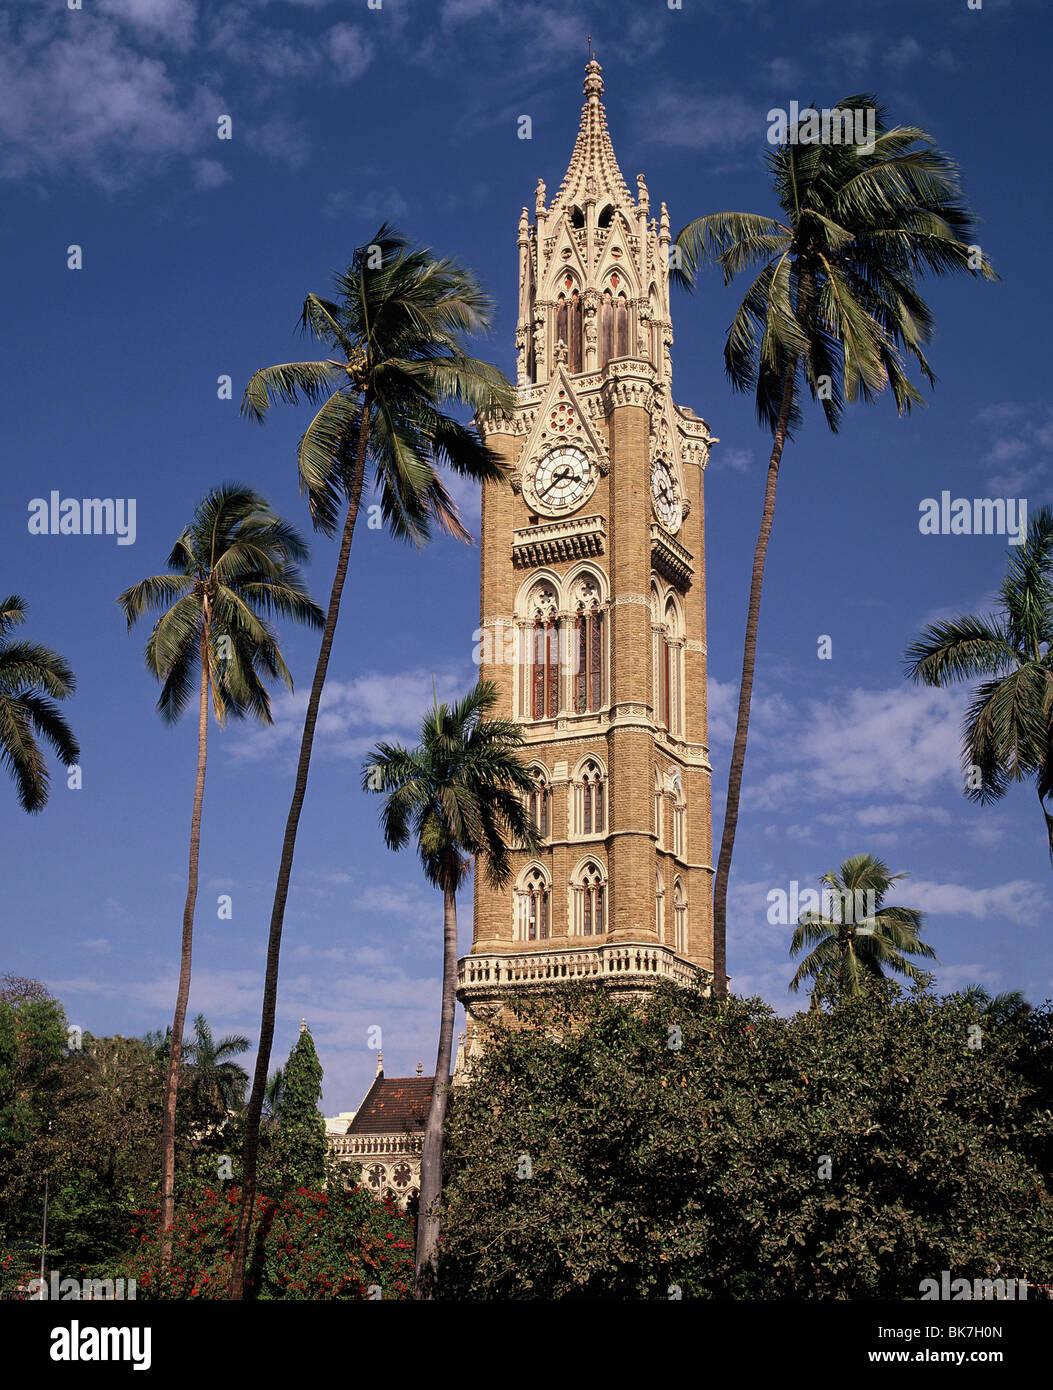 L'horloge, l'université de Mumbai, Inde, Asie Photo Stock